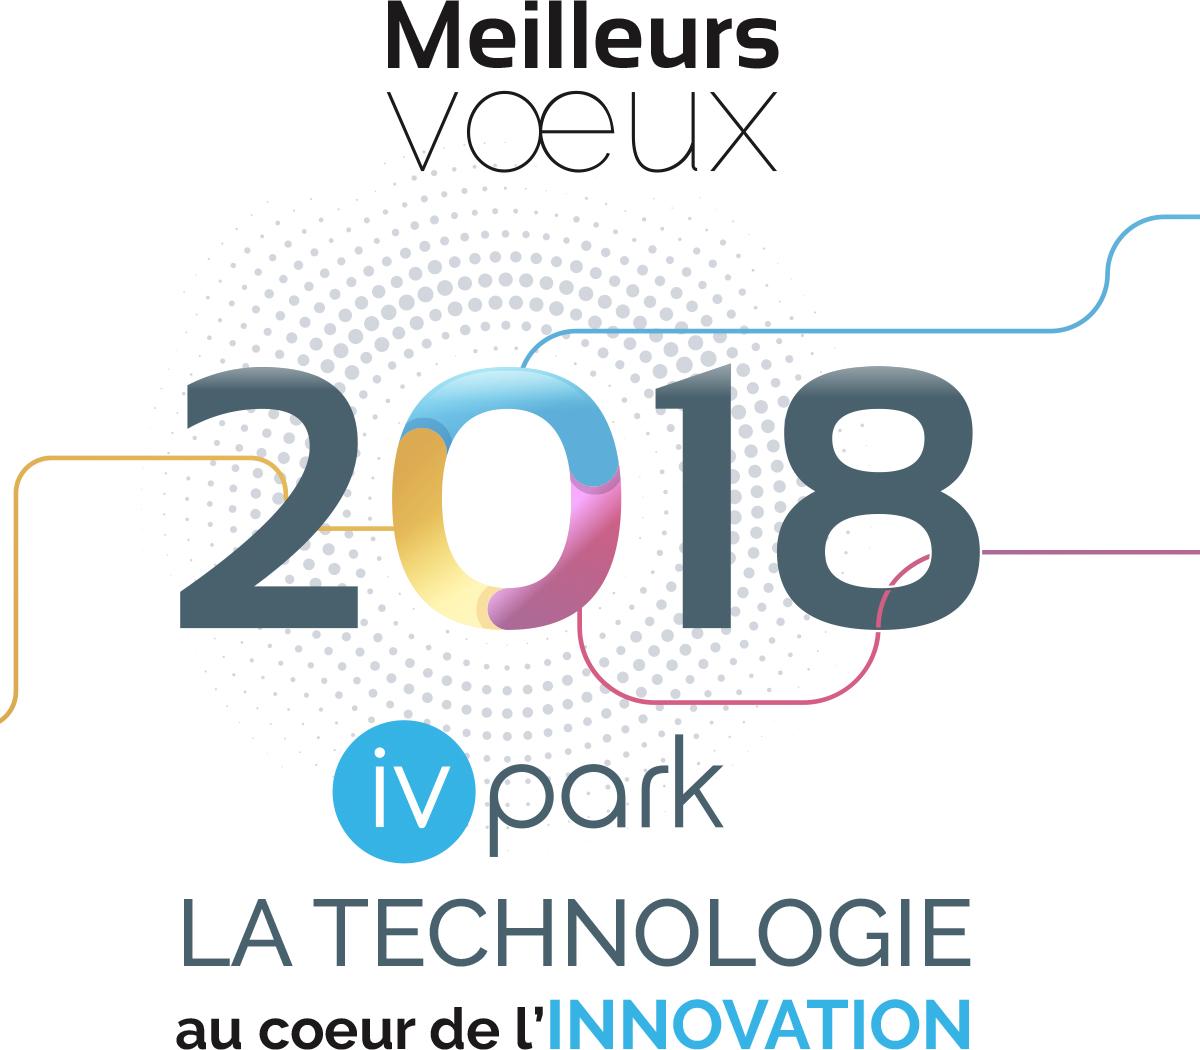 Meilleur voeux 2018 - IVPark, la technologie au coeur de l'innovation